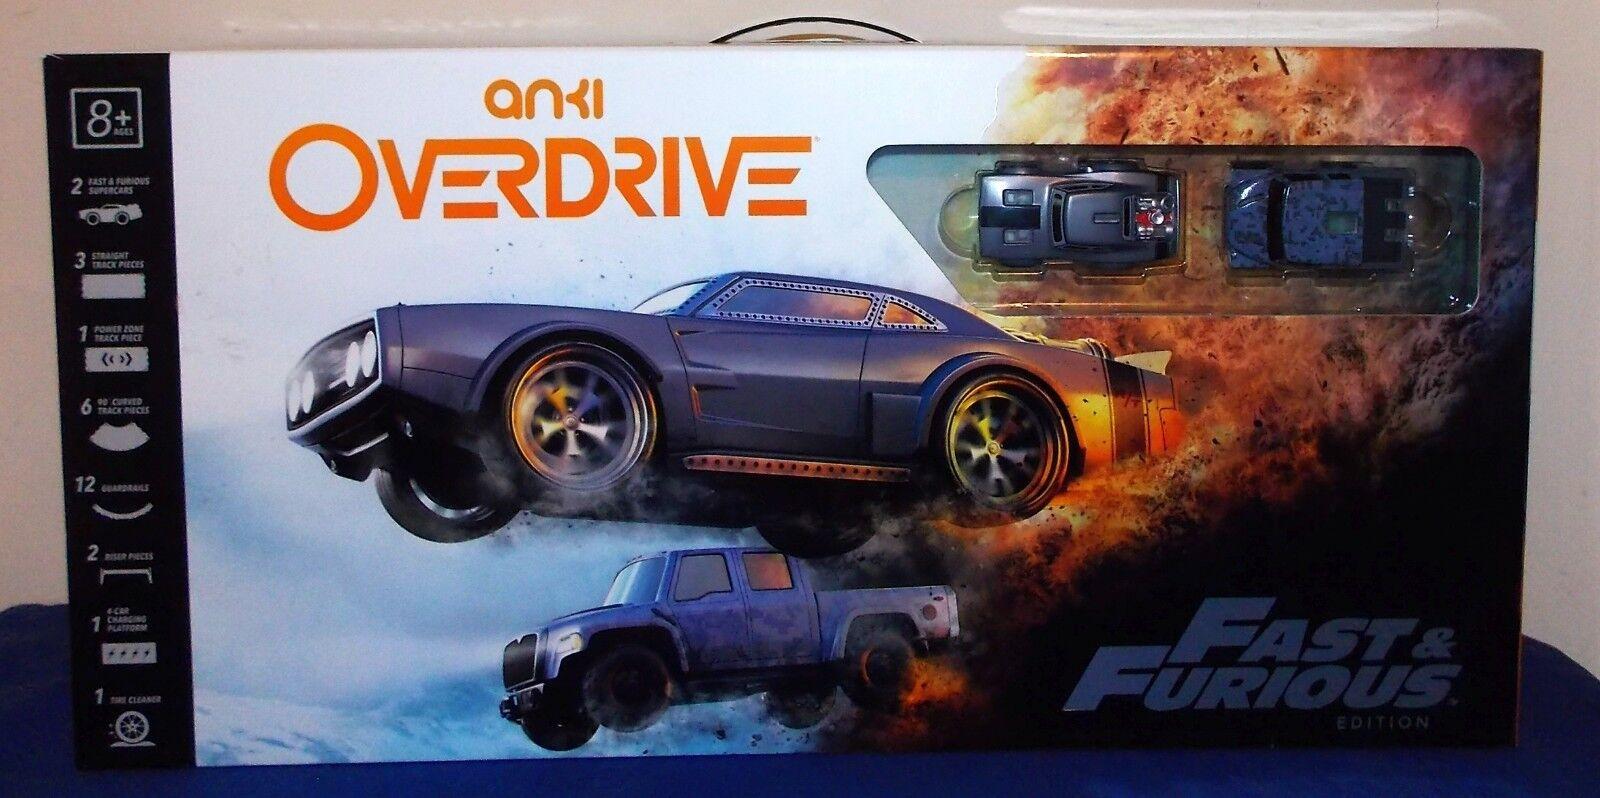 ANKI ANKI ANKI Overdrive rápido Y Furious Edition Nuevo Sellado  ofreciendo 100%